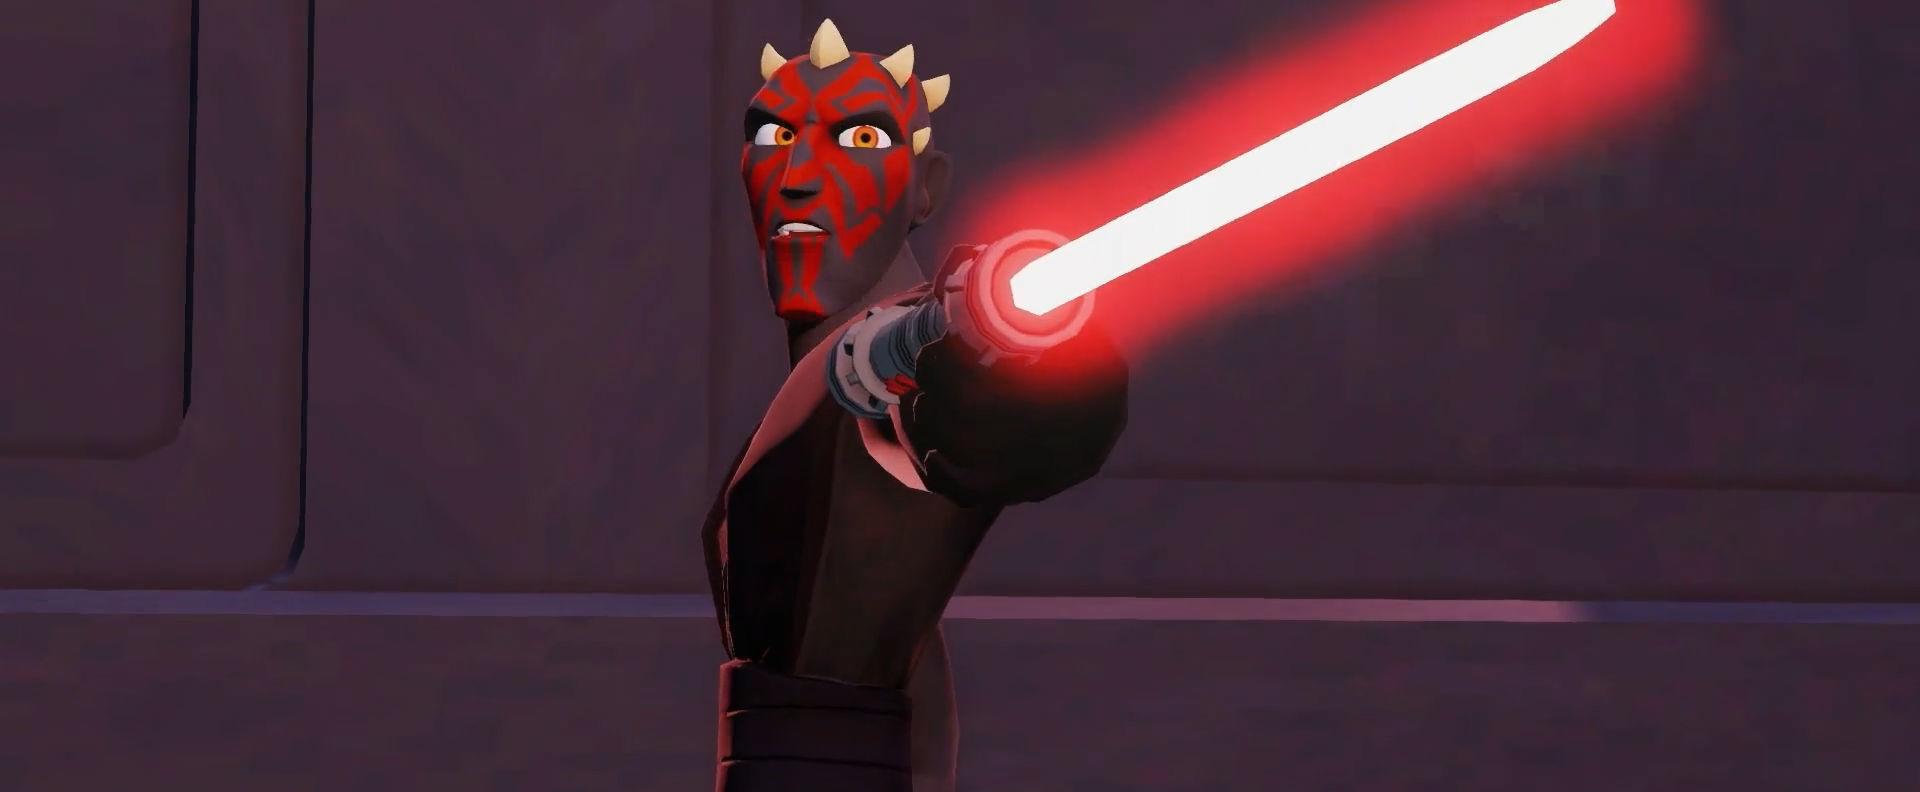 Tráiler oficial de Disney Infinity 3.0 Star Wars™ El ocaso de la República